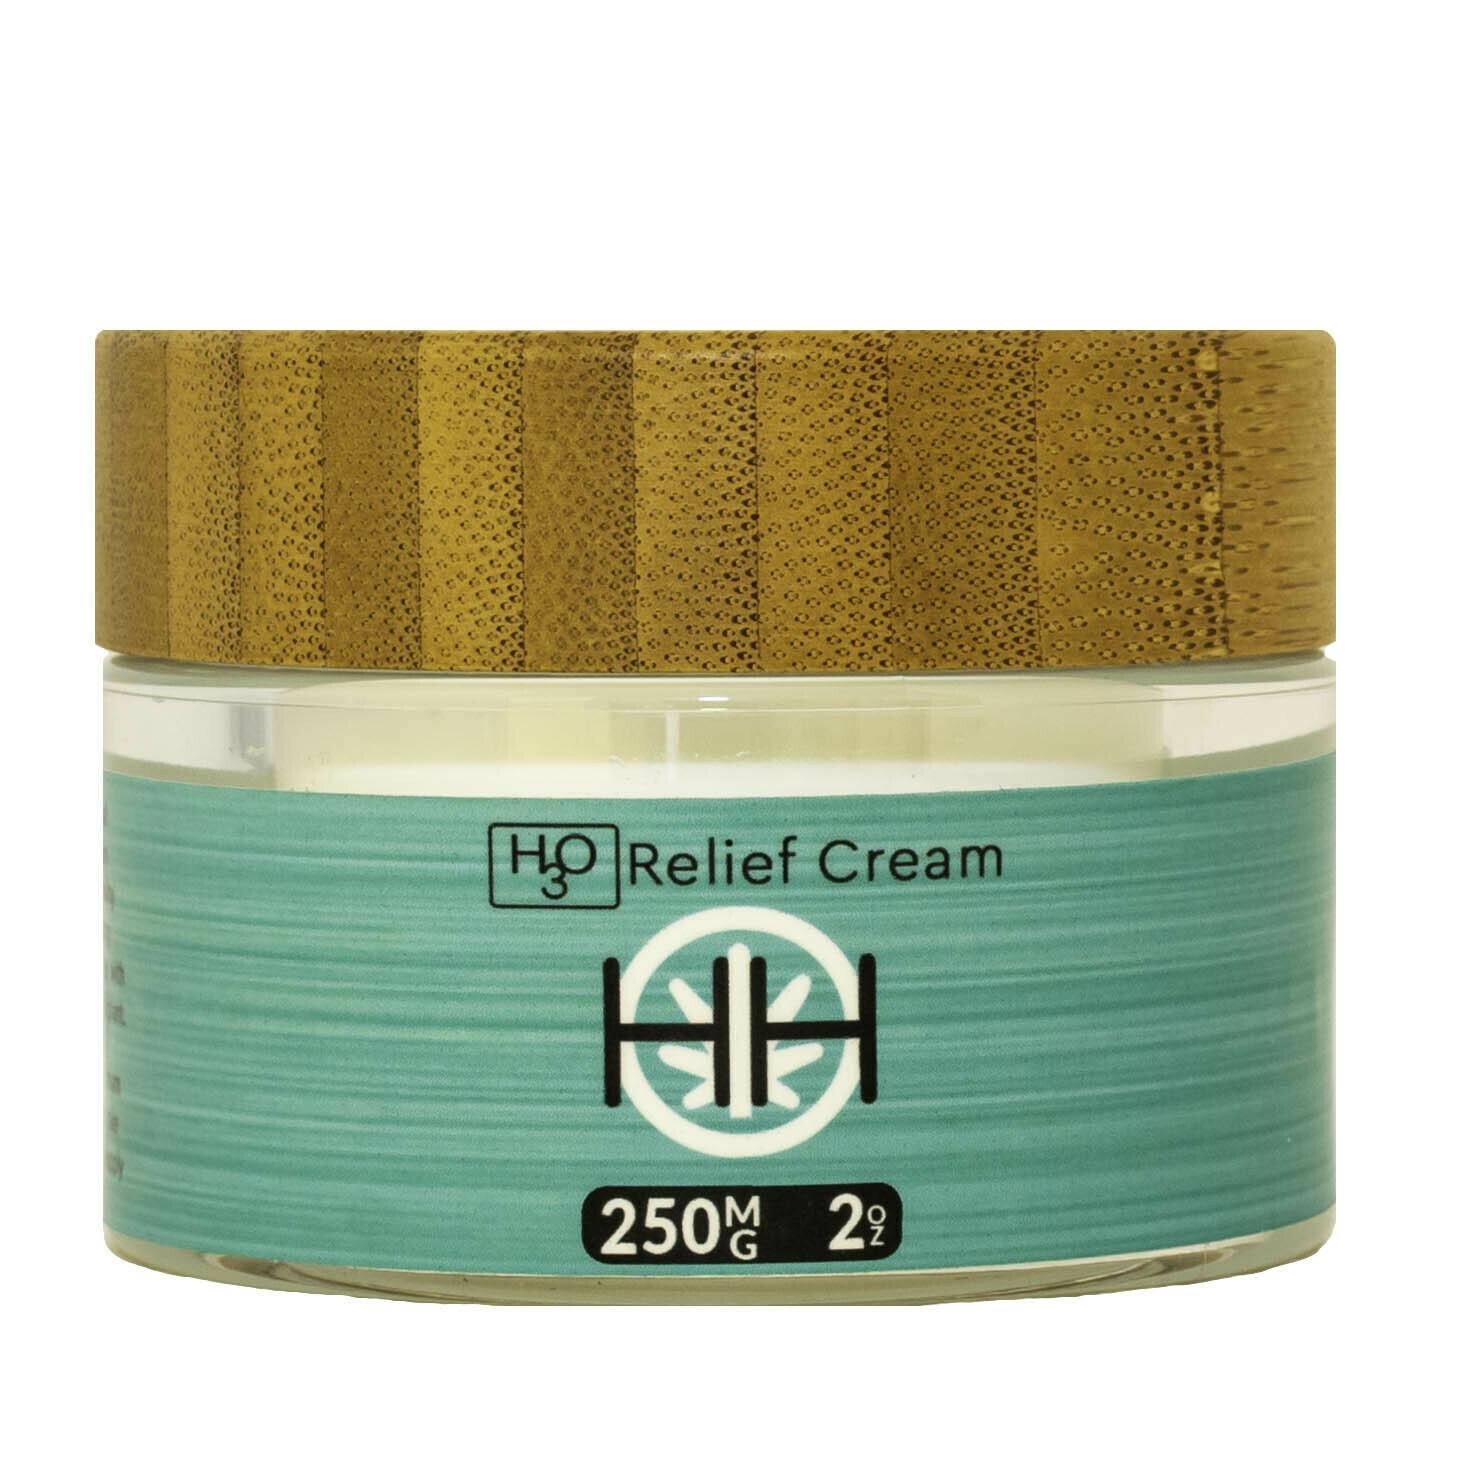 H3O 250mg Relief Cream